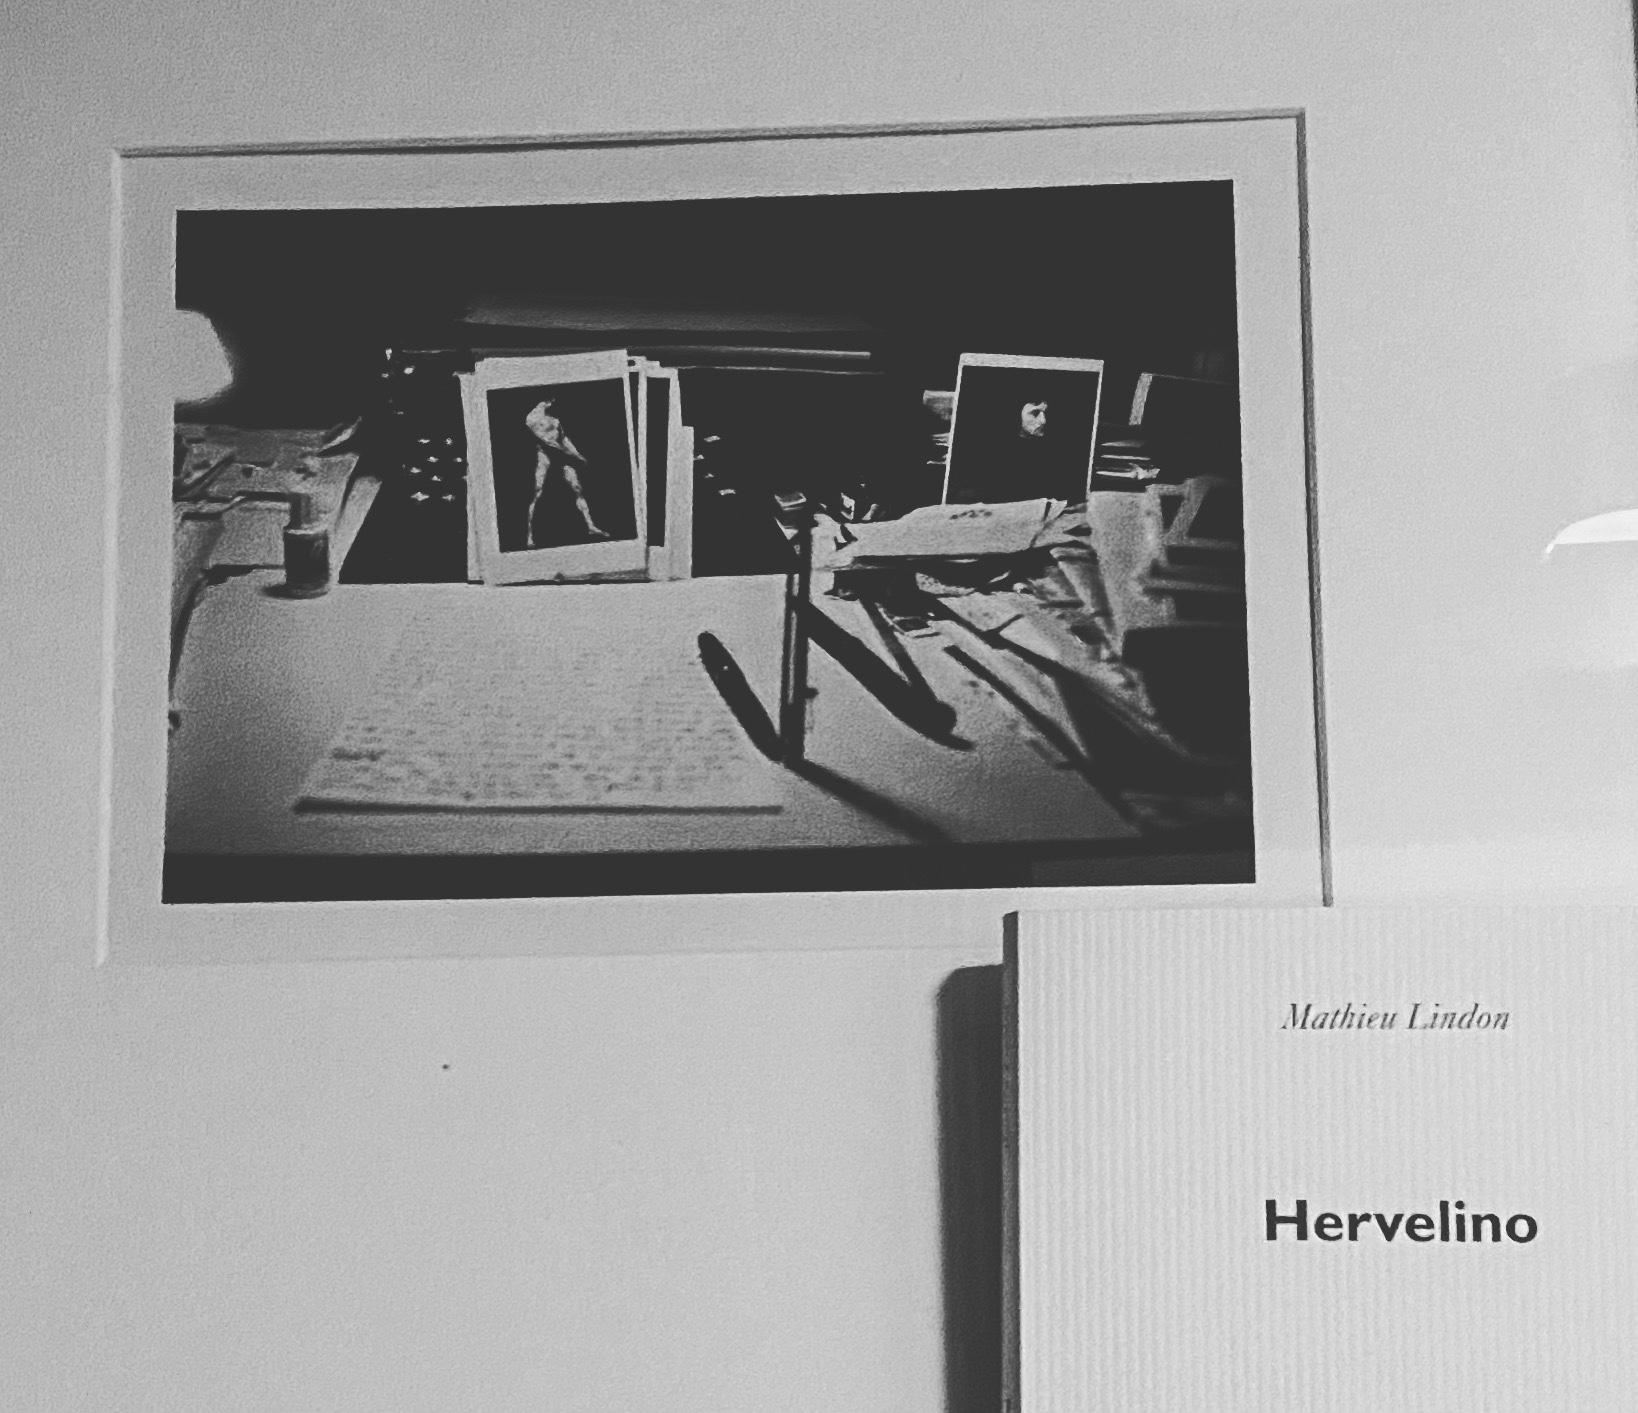 Mathieu Lindon : «ça n'existe pas, un livre sur Hervé» (Hervelino)